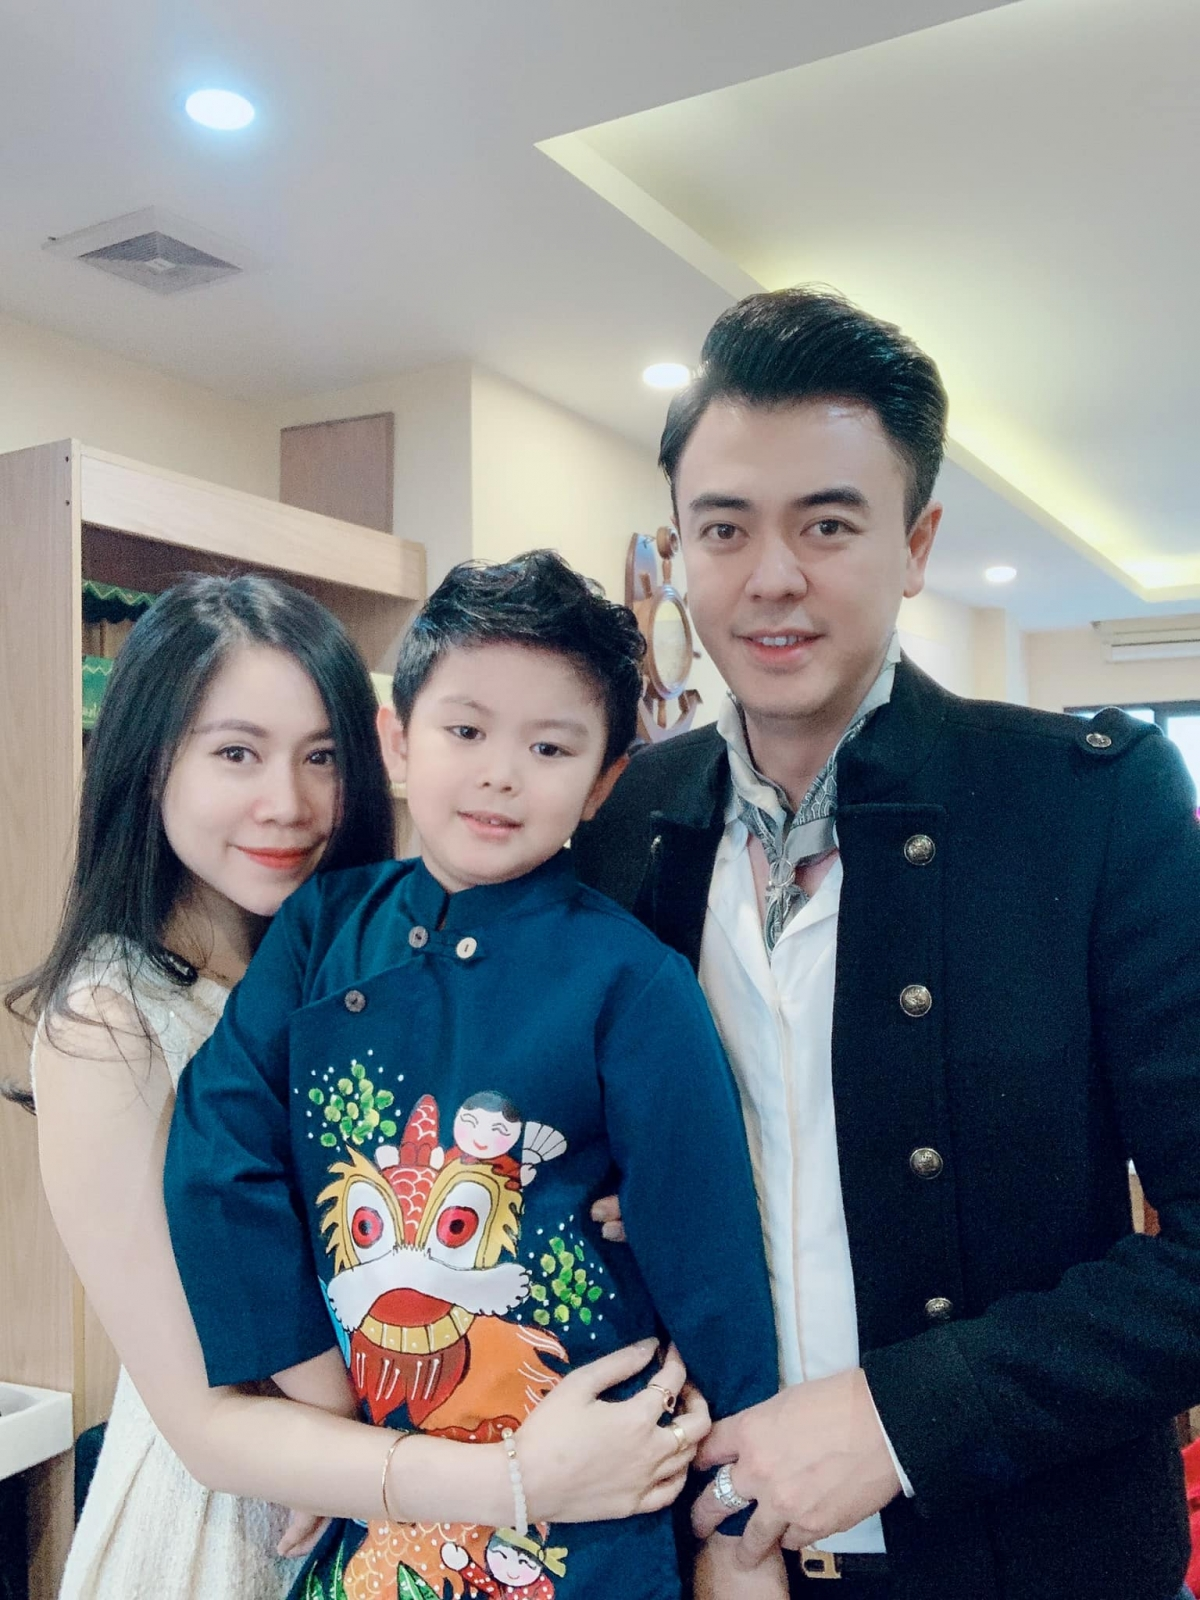 Tuấn Tú dự định cùng gia đình đến Phan Thiết ở mỗi dịp hè, lễ Tết. Ảnh: FBNV